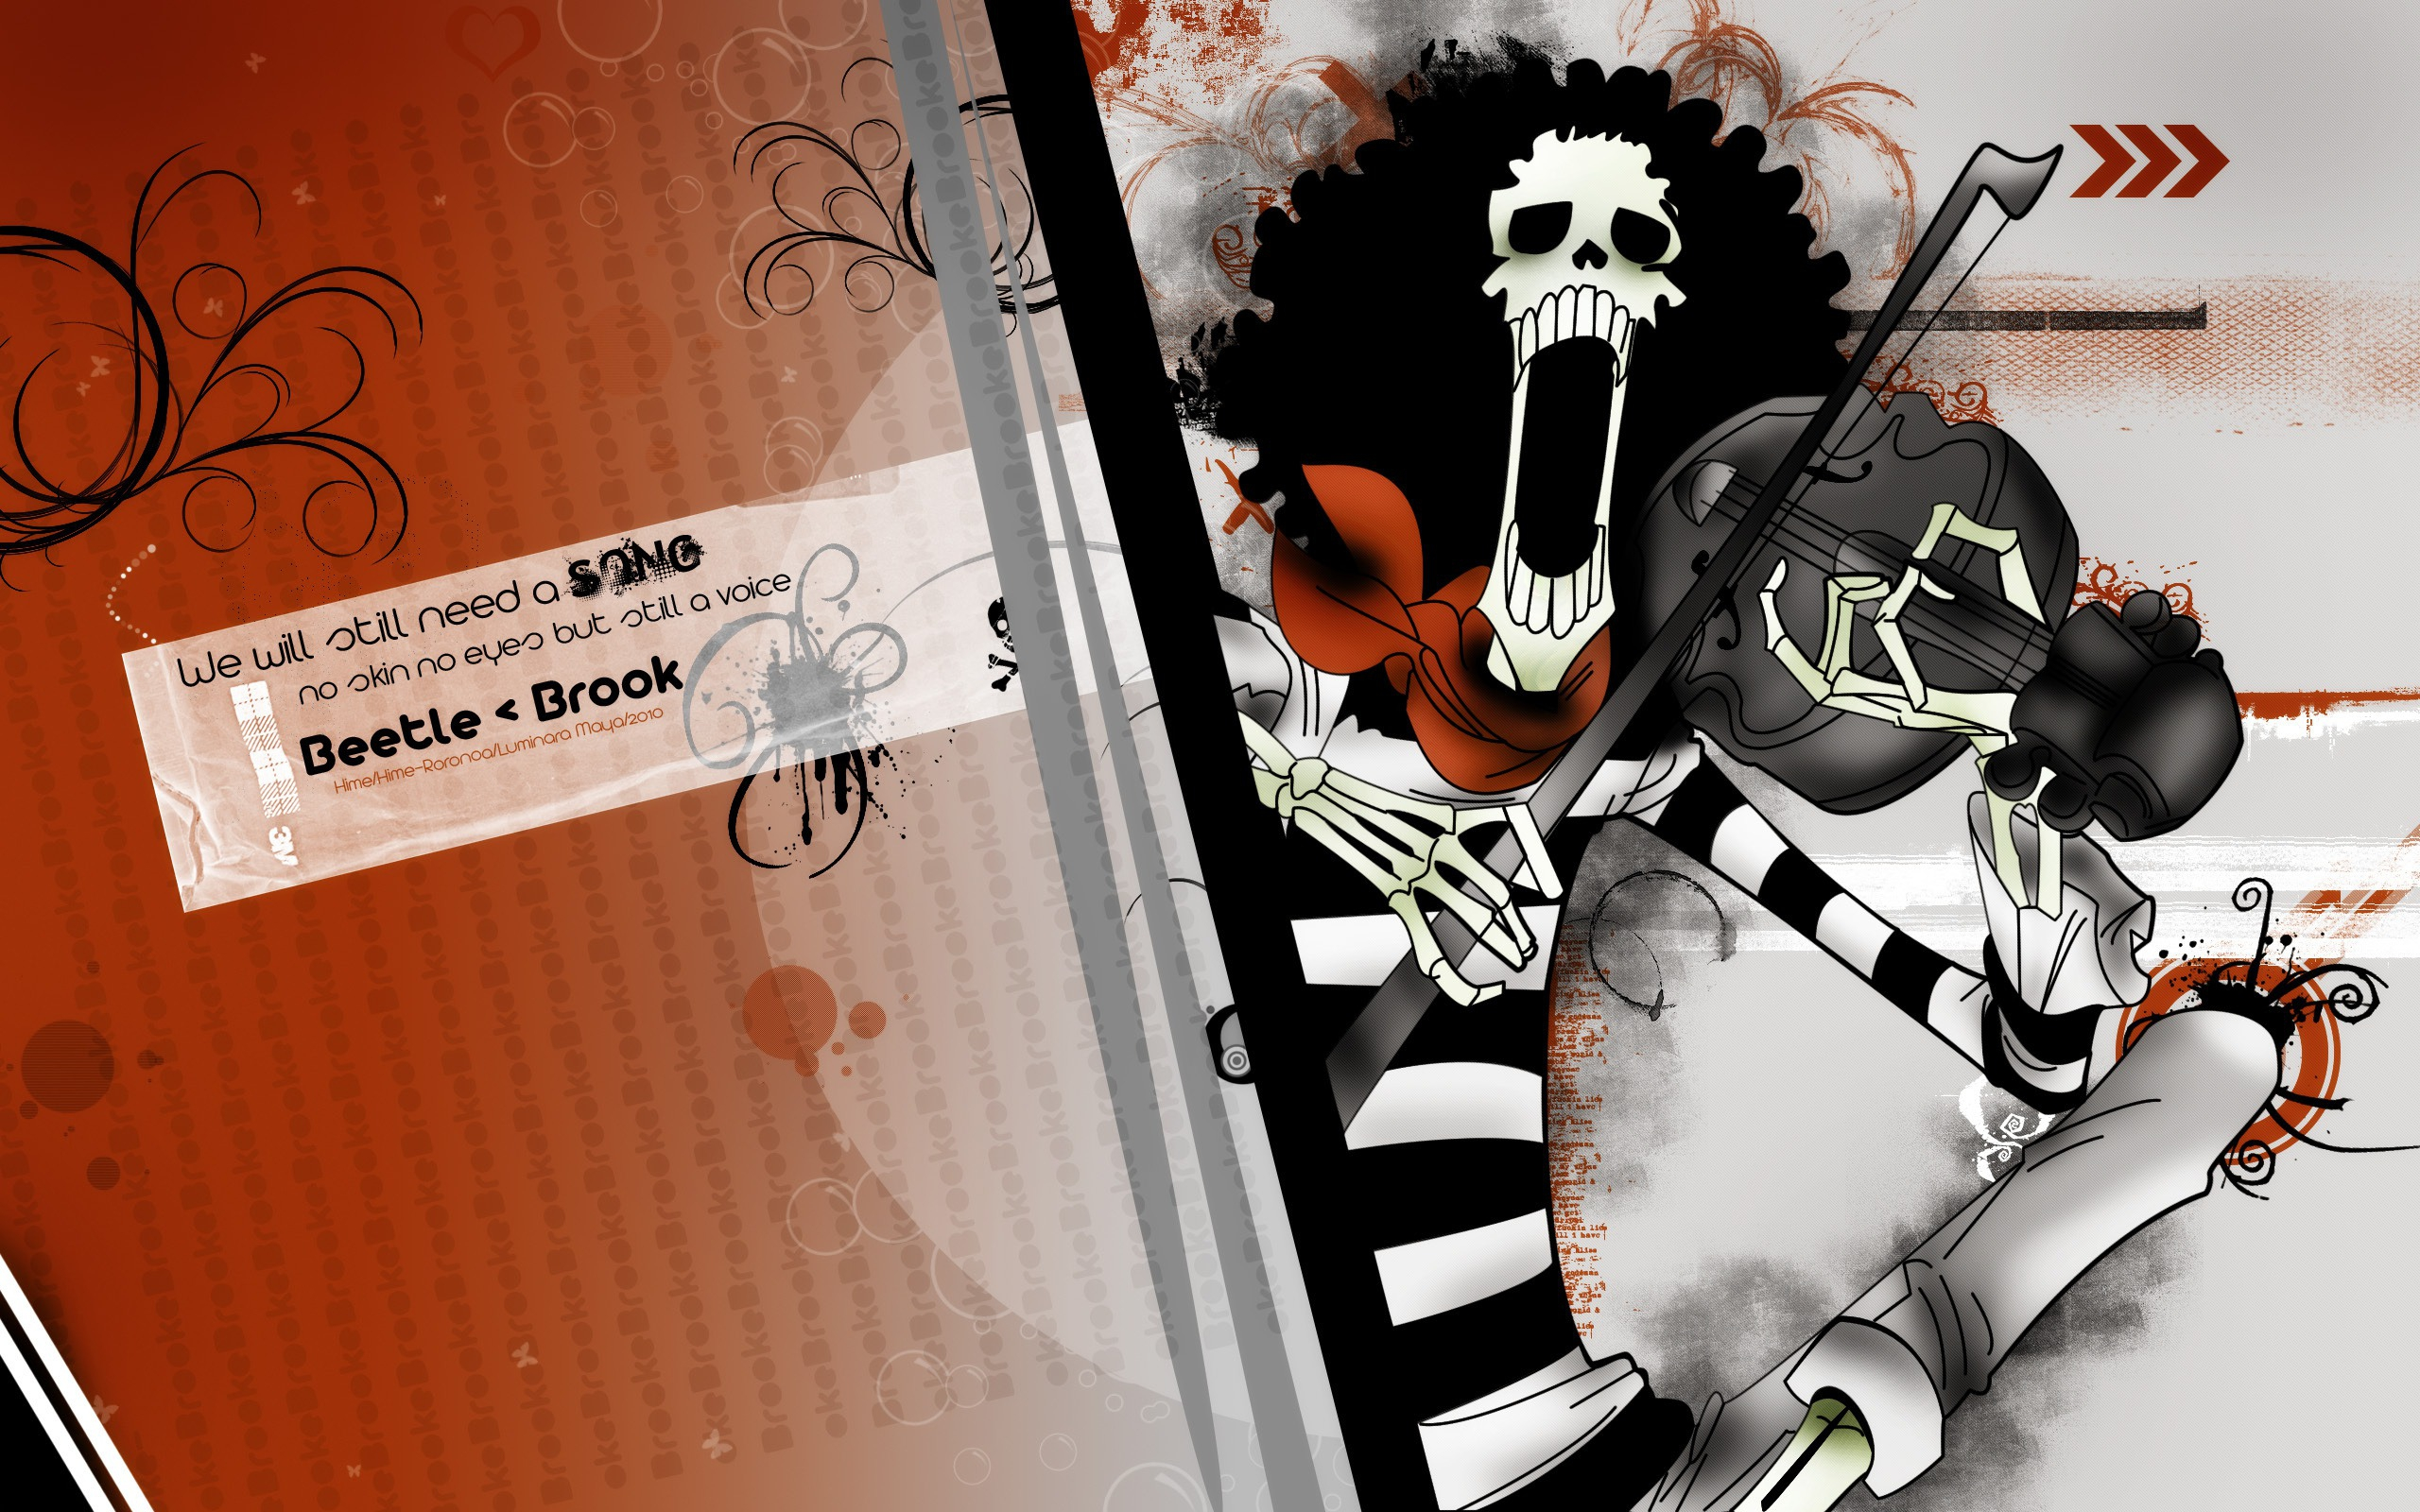 Brook One Piece Hd Wallpaper 638919 Zerochan Anime Image Board